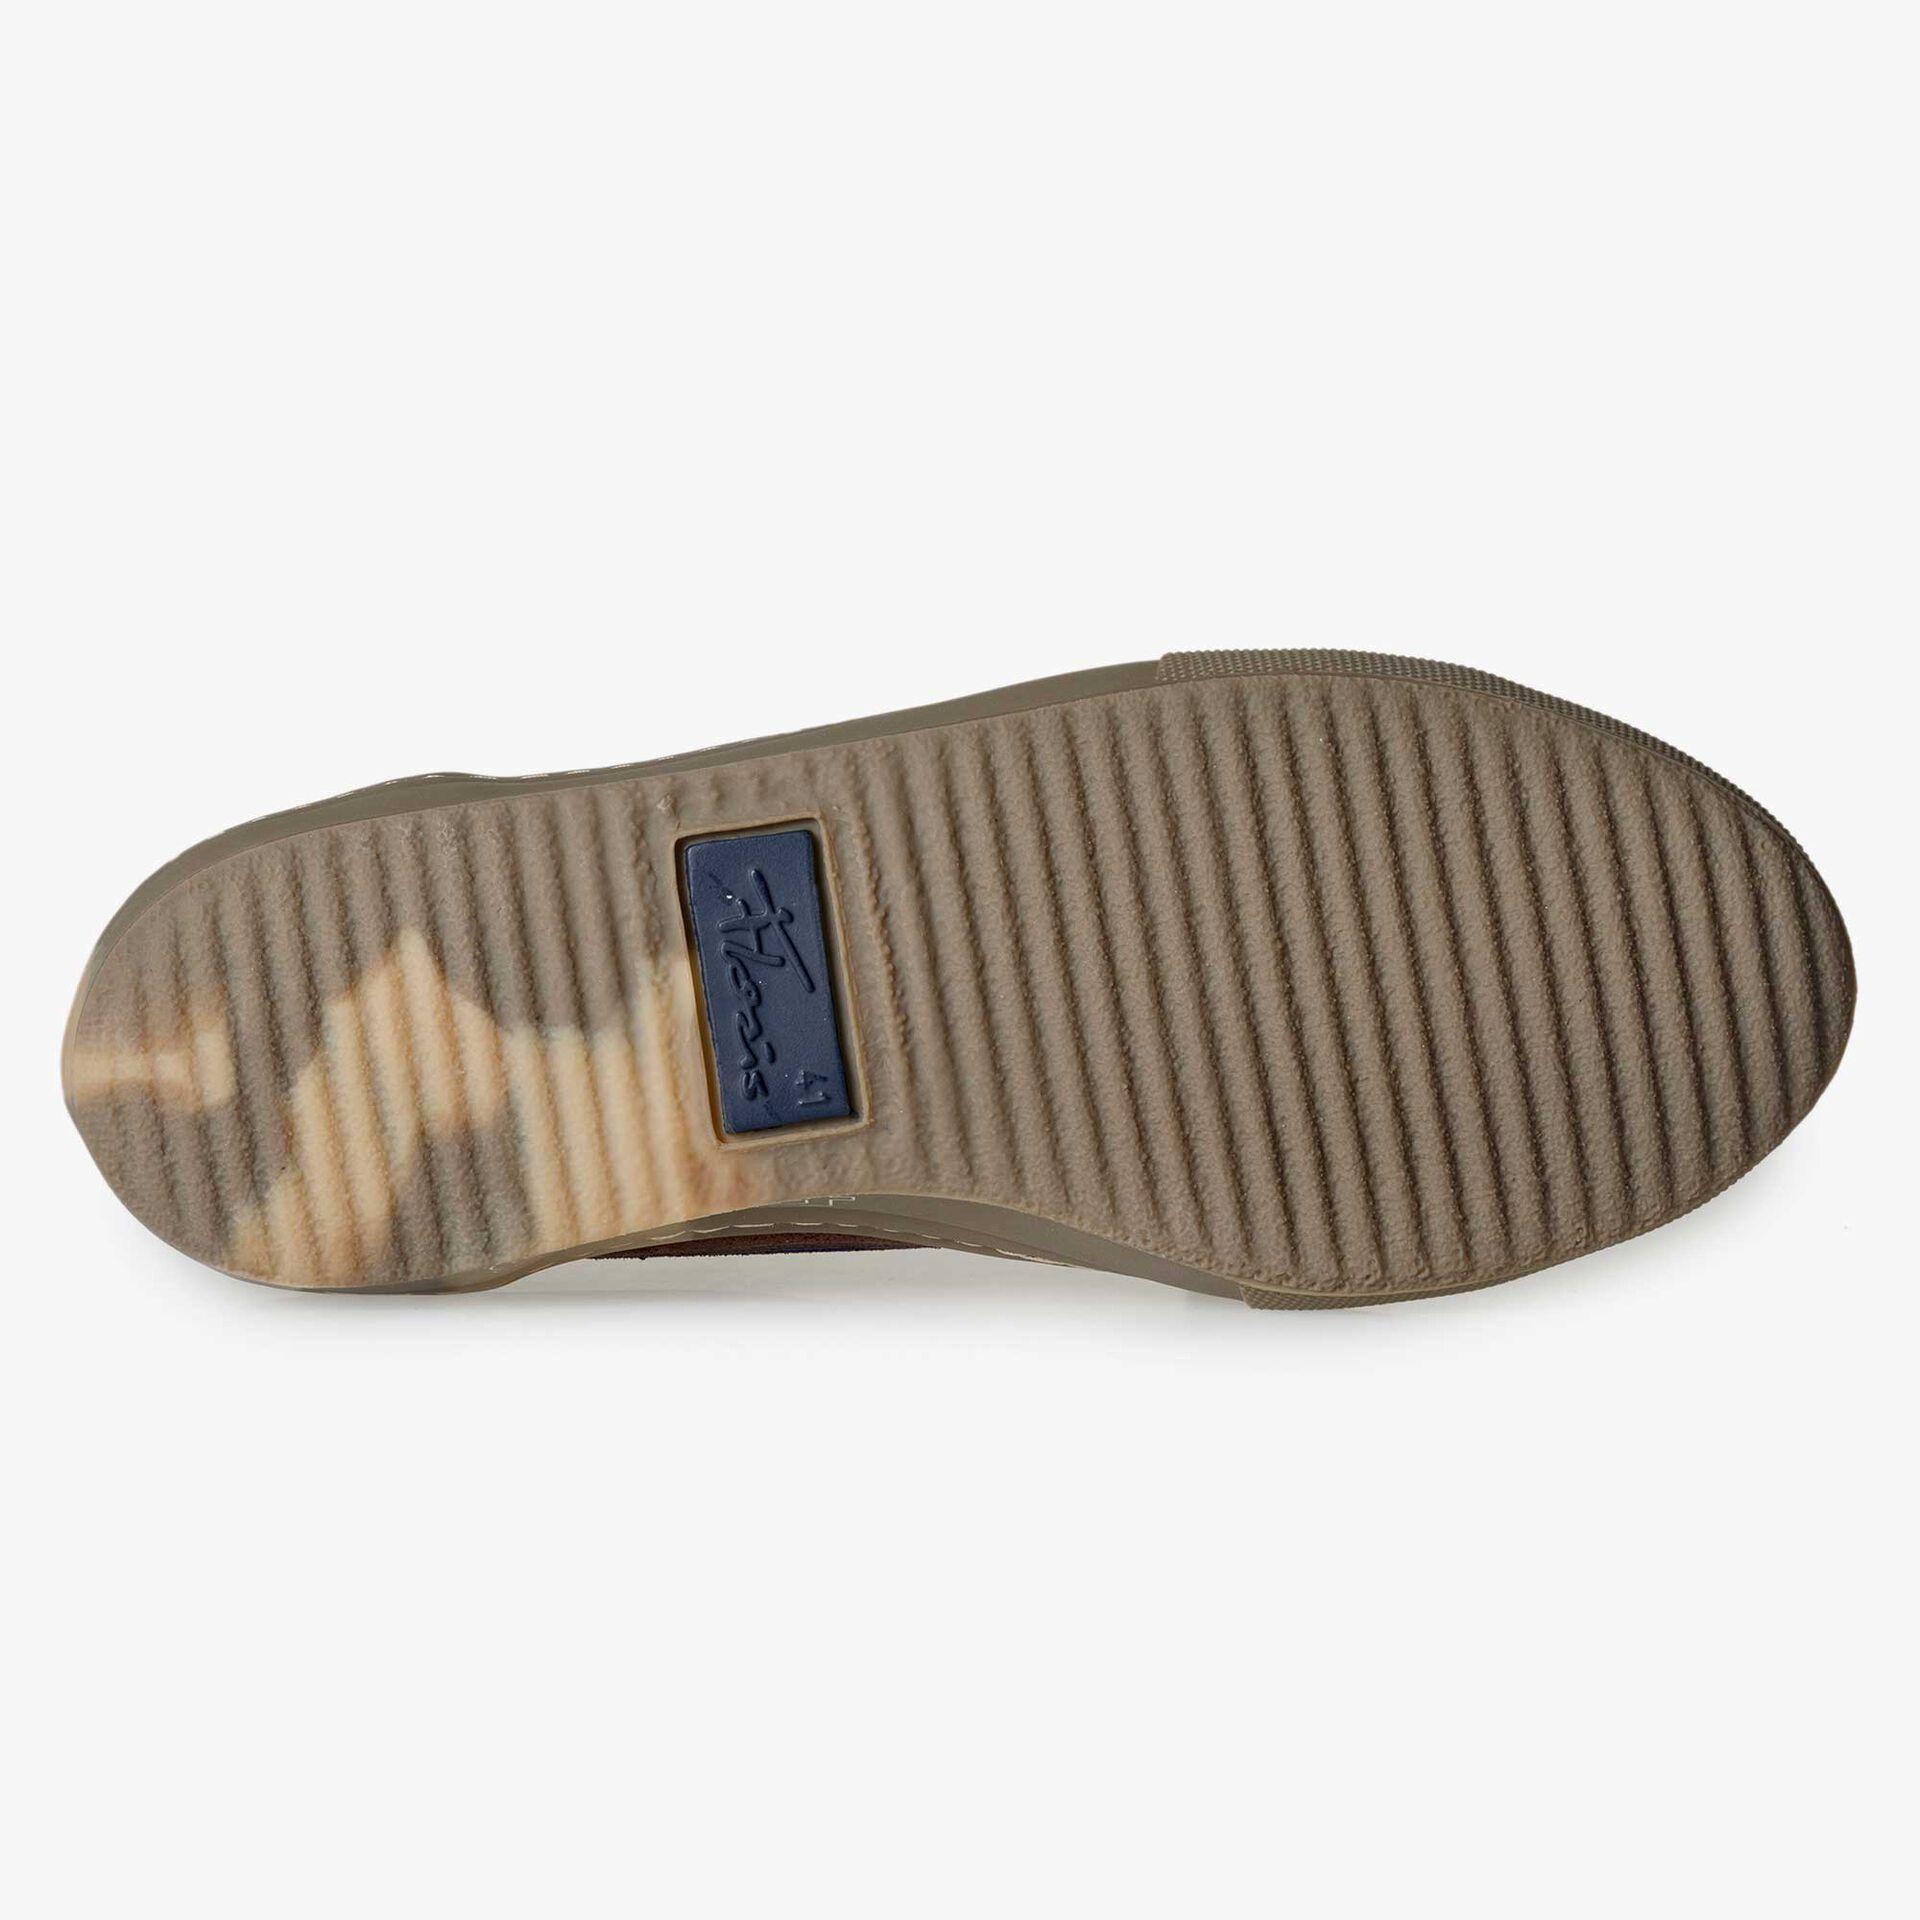 Floris van Bommel men's red-brown suede leather sneaker